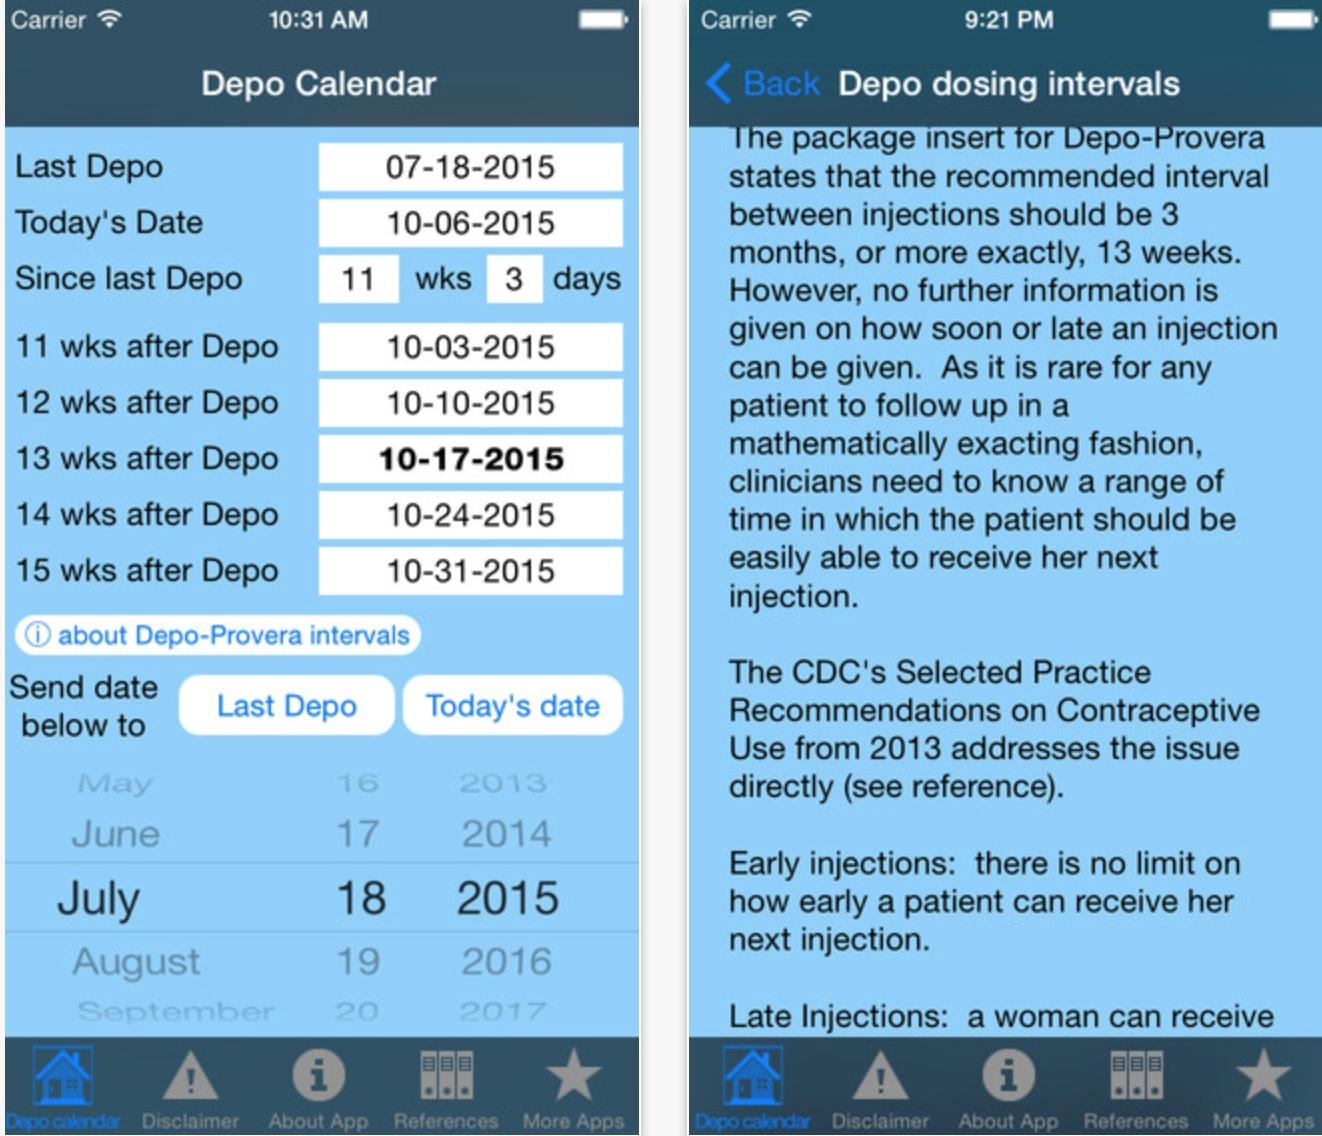 Depo Calendar App Could Significantly Improve Contraception  Depo Provera Calculatore